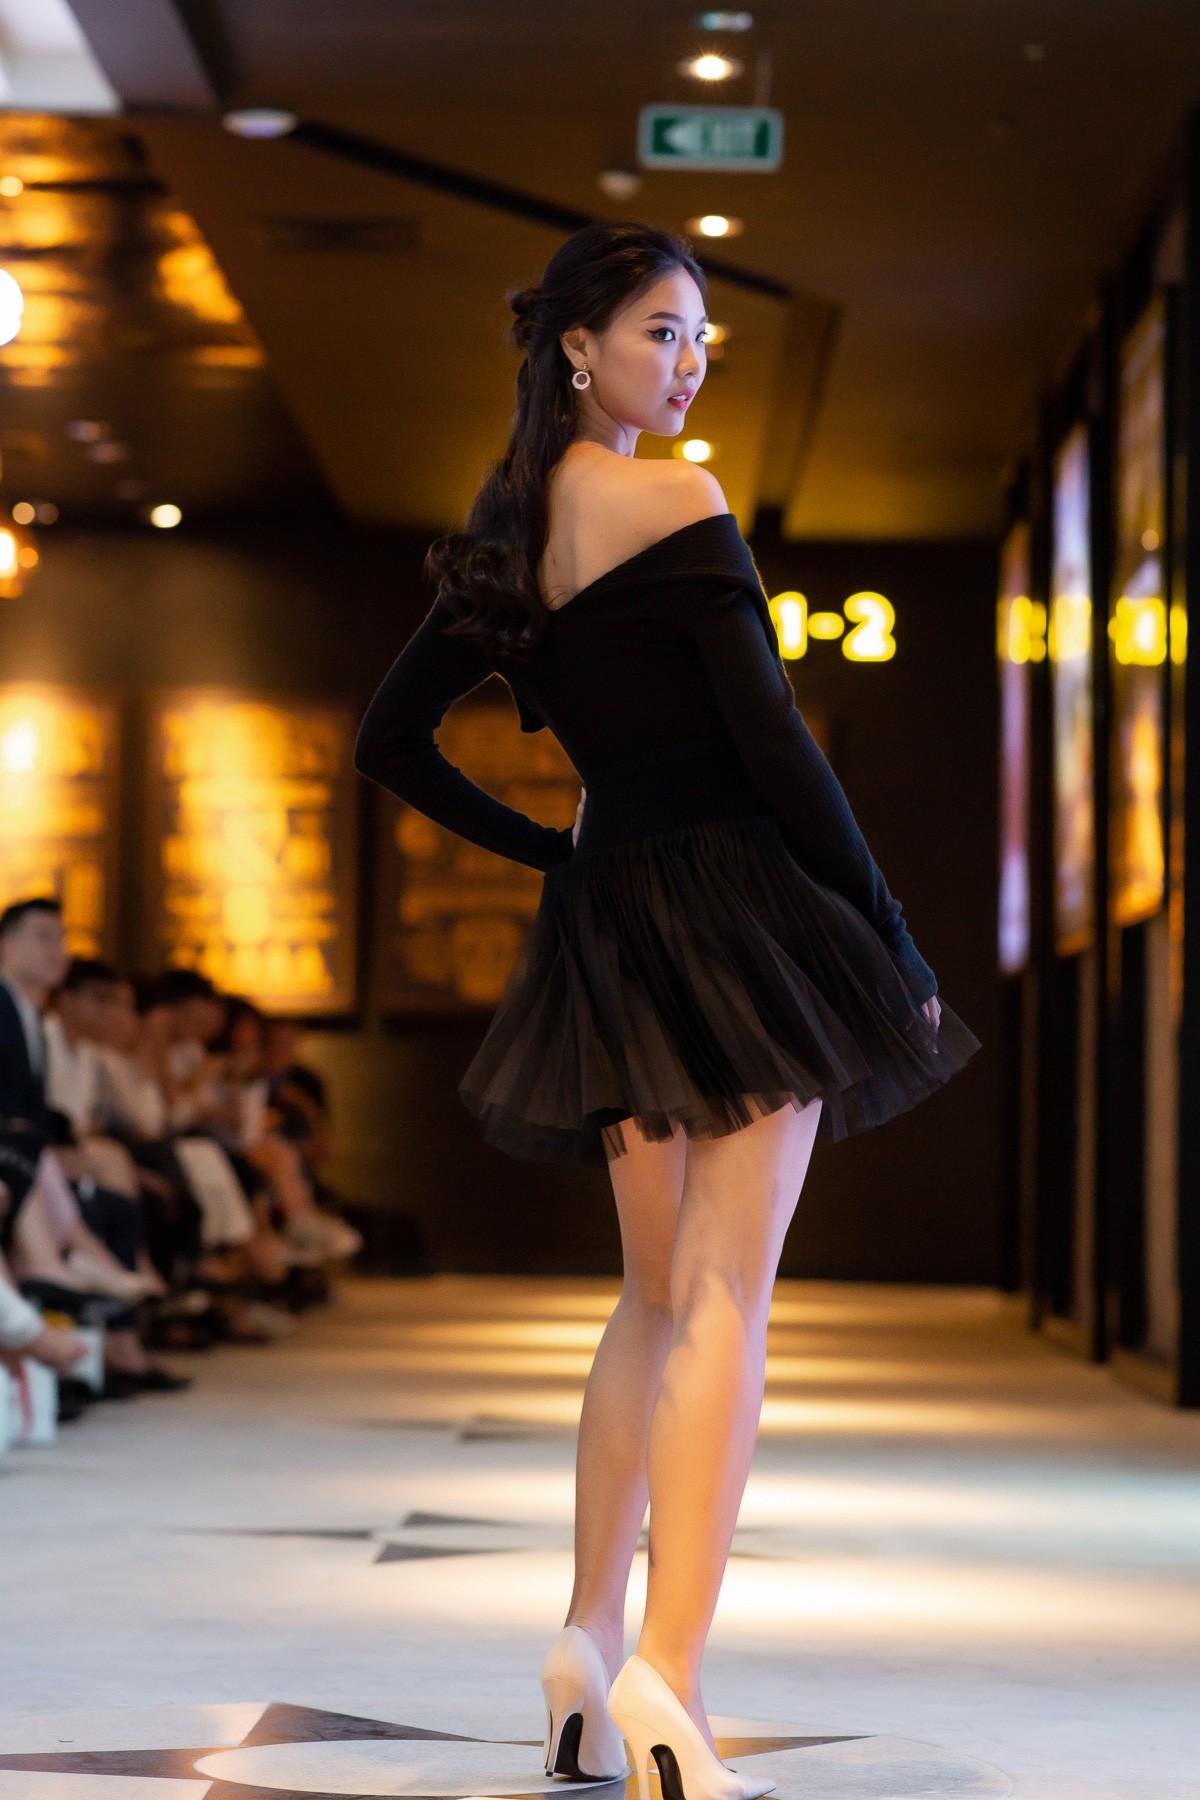 Dàn sao Gái Già Lắm Chiêu 2 bất ngờ gây náo loạn sàn catwalk, chinh phục công chúng bằng BTS ấn tượng của Lâm Gia Khang - Ảnh 13.